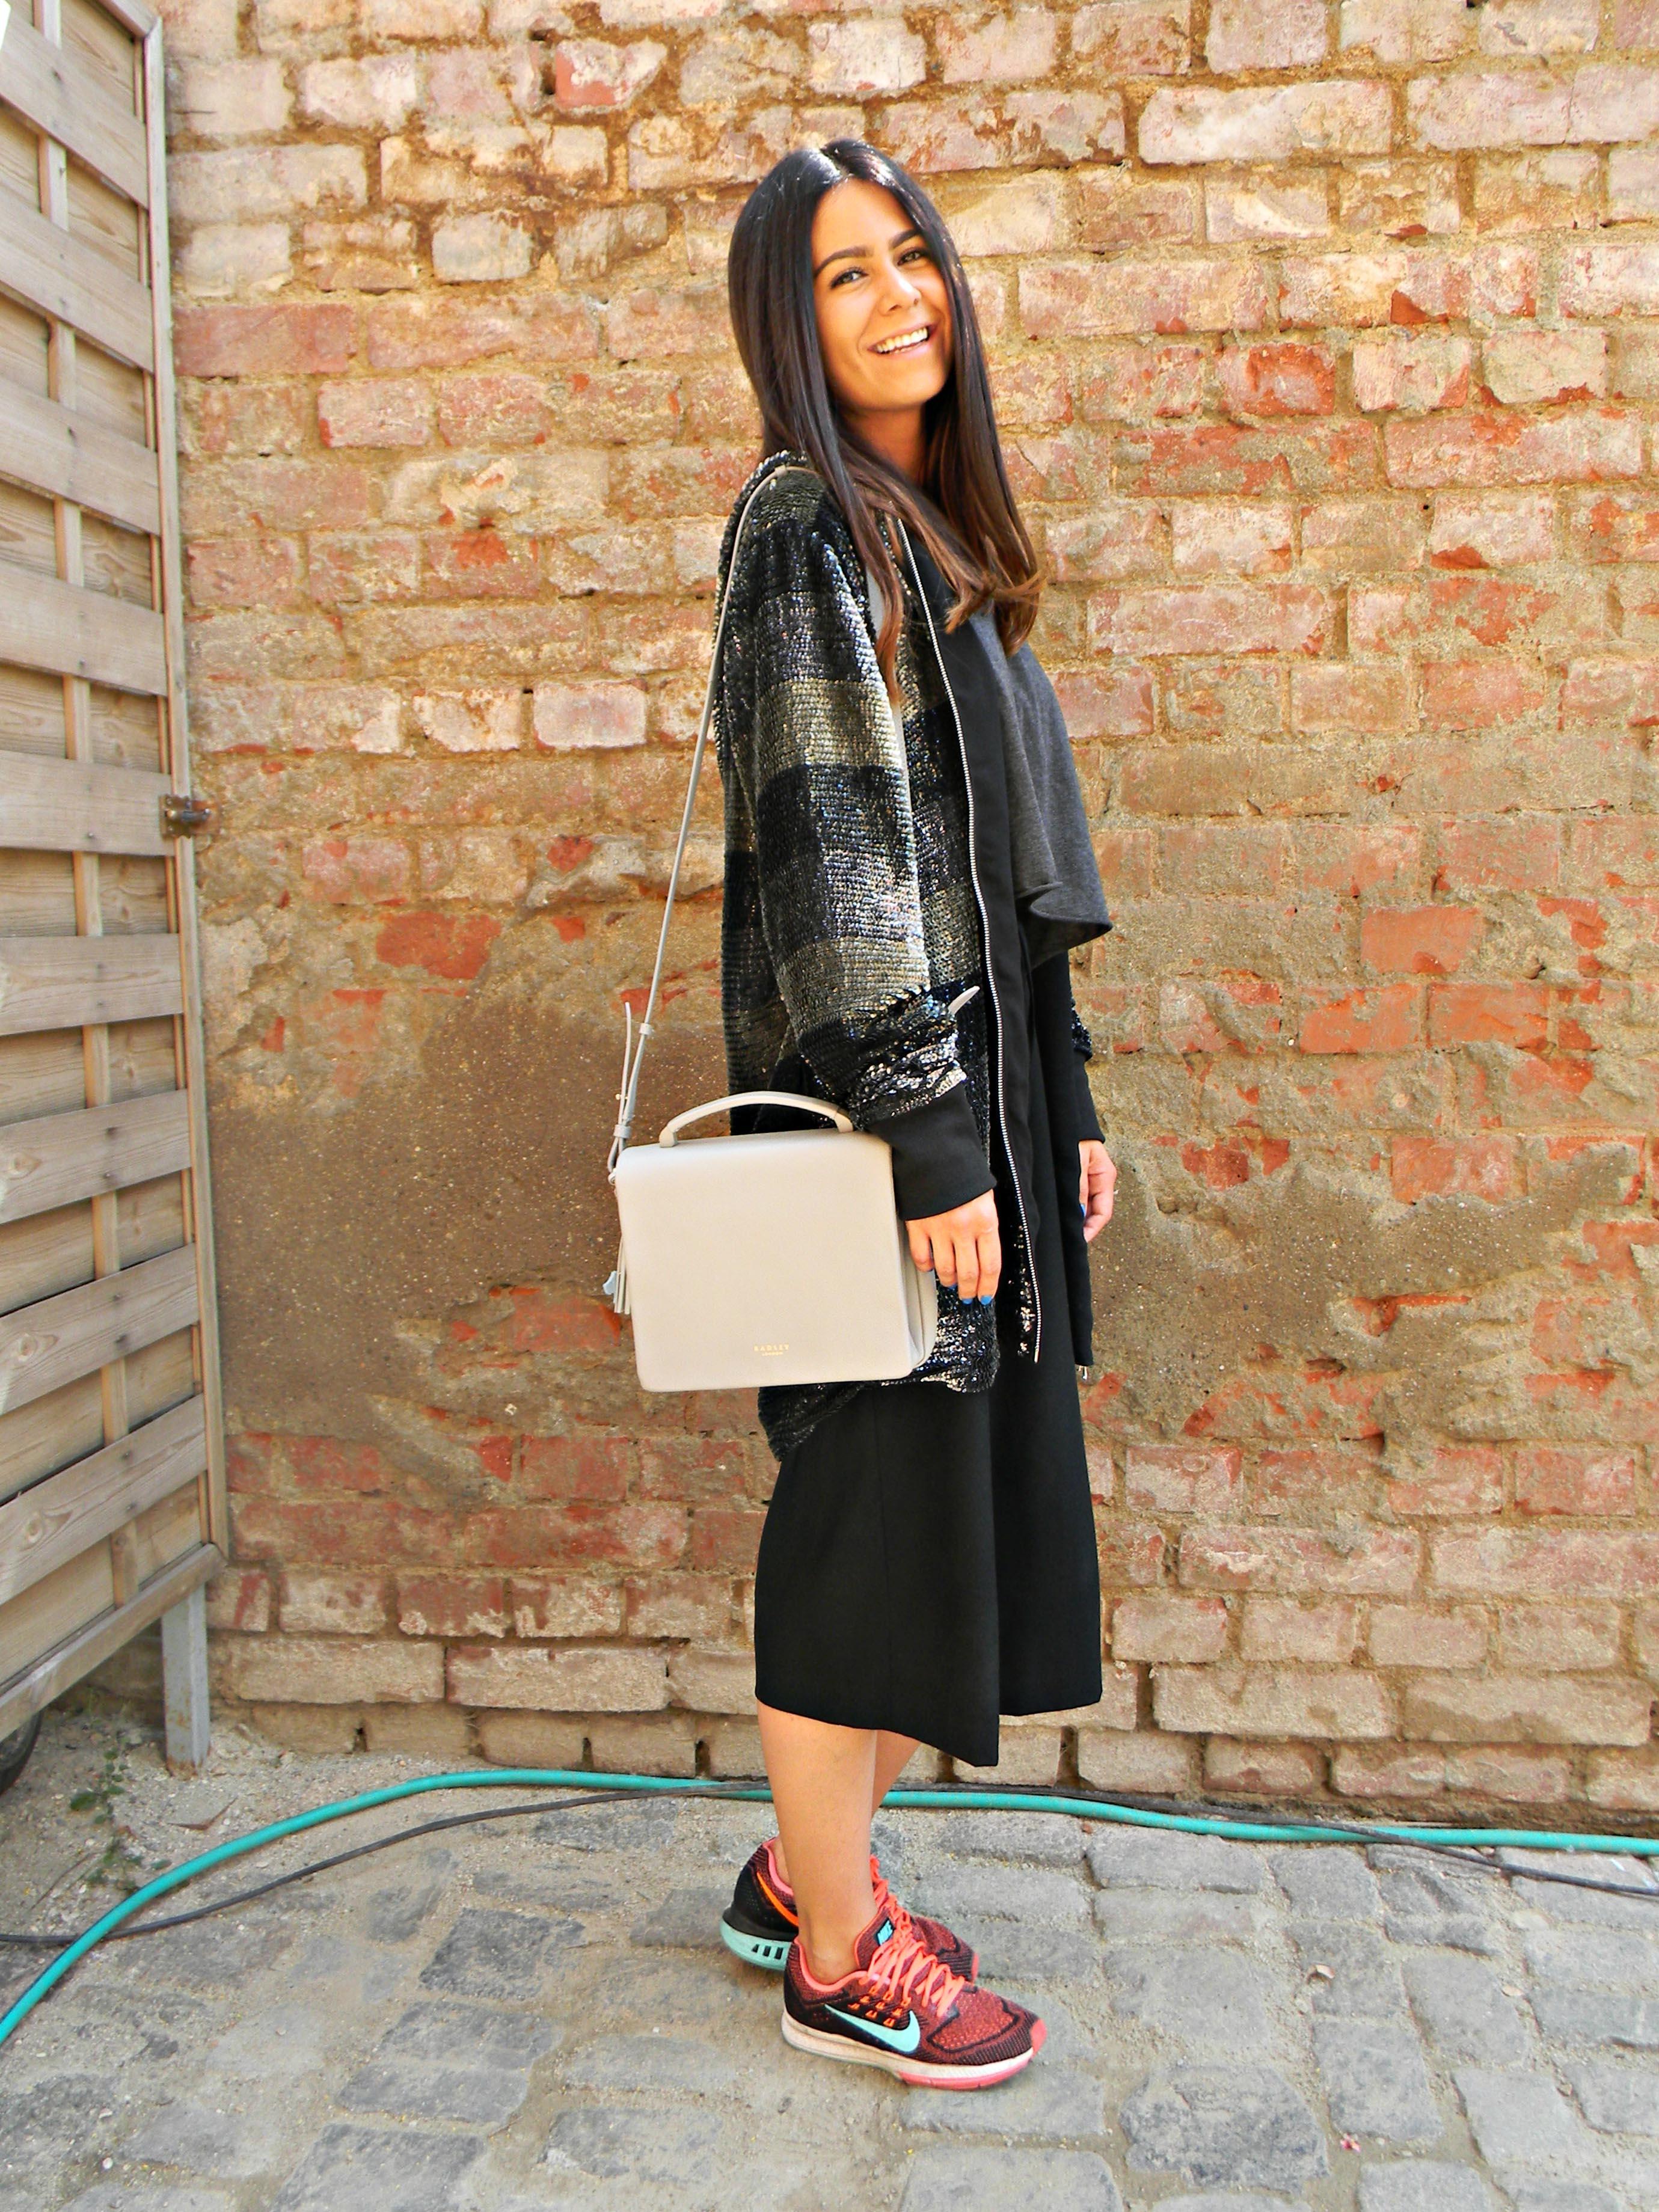 Ioana Vasii, street style report